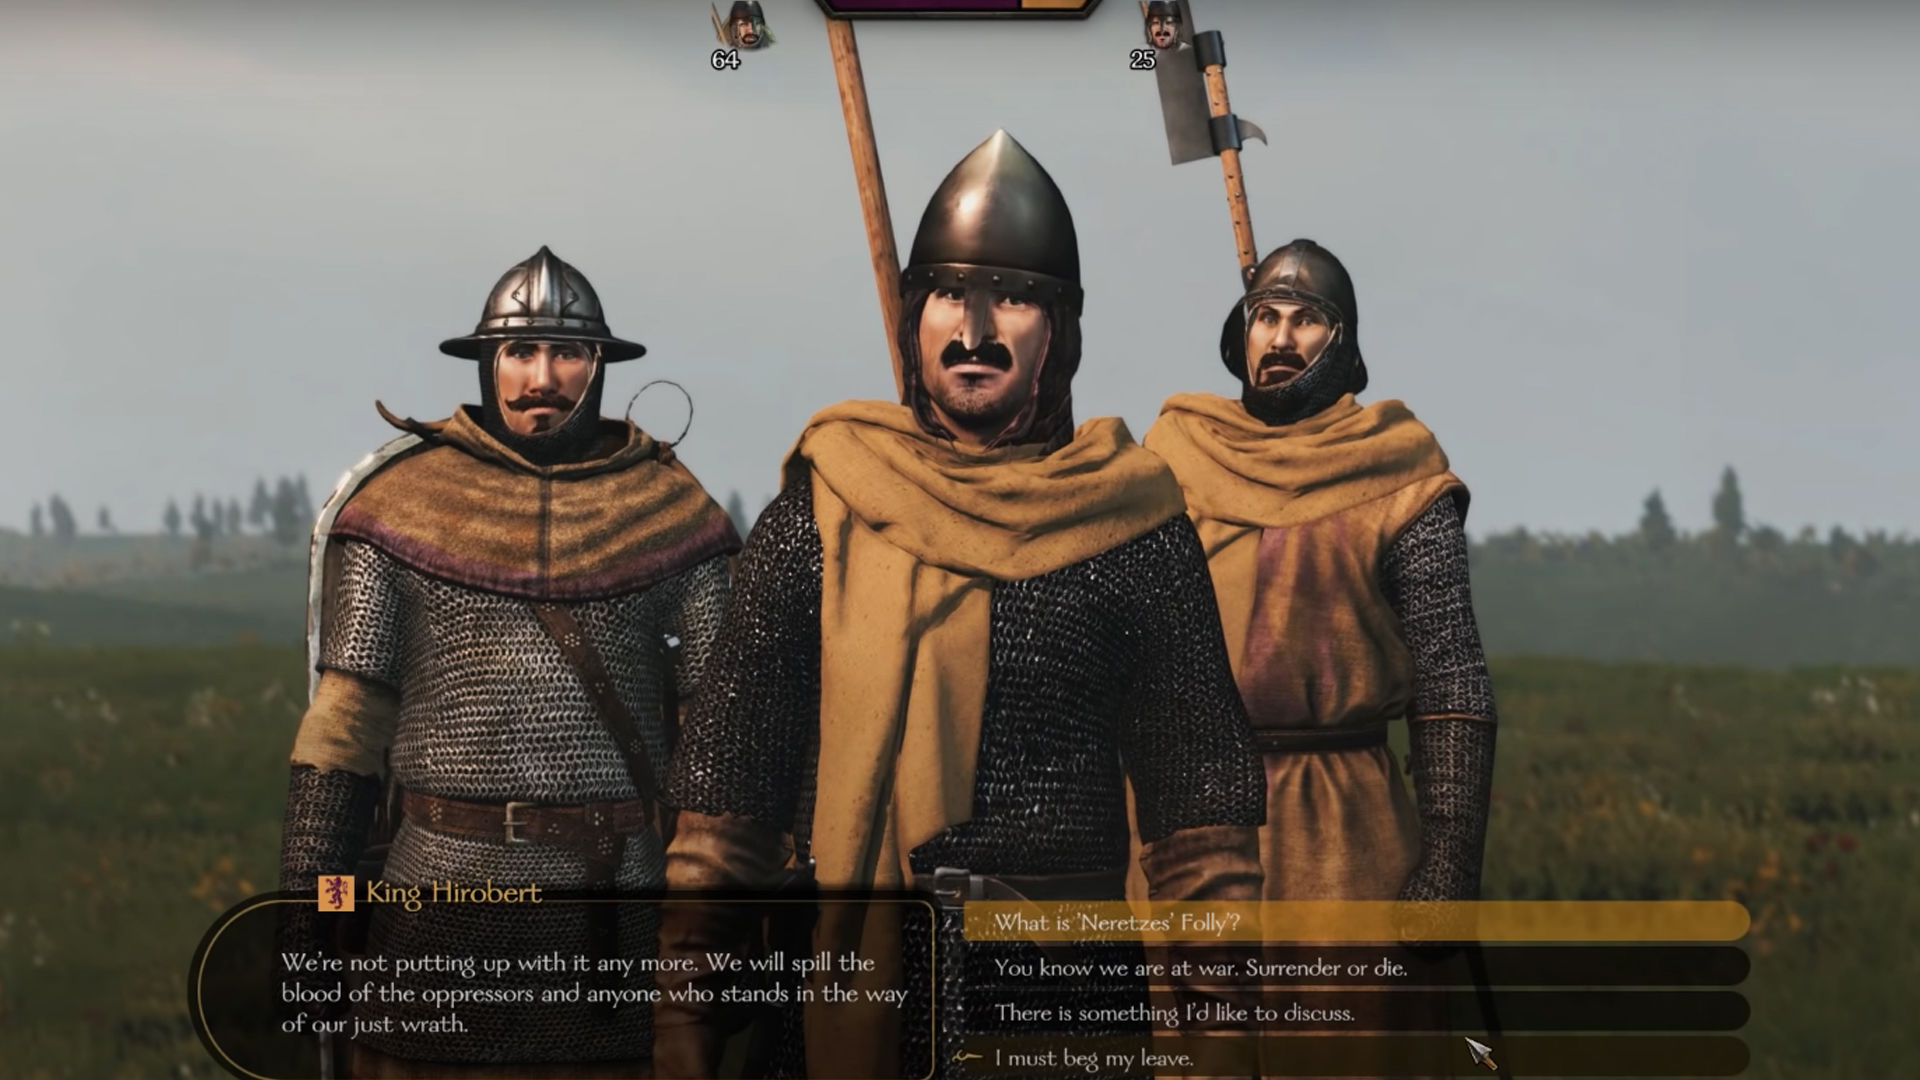 Mount & Blade II: Bannerlord - Nereden, Nereye?